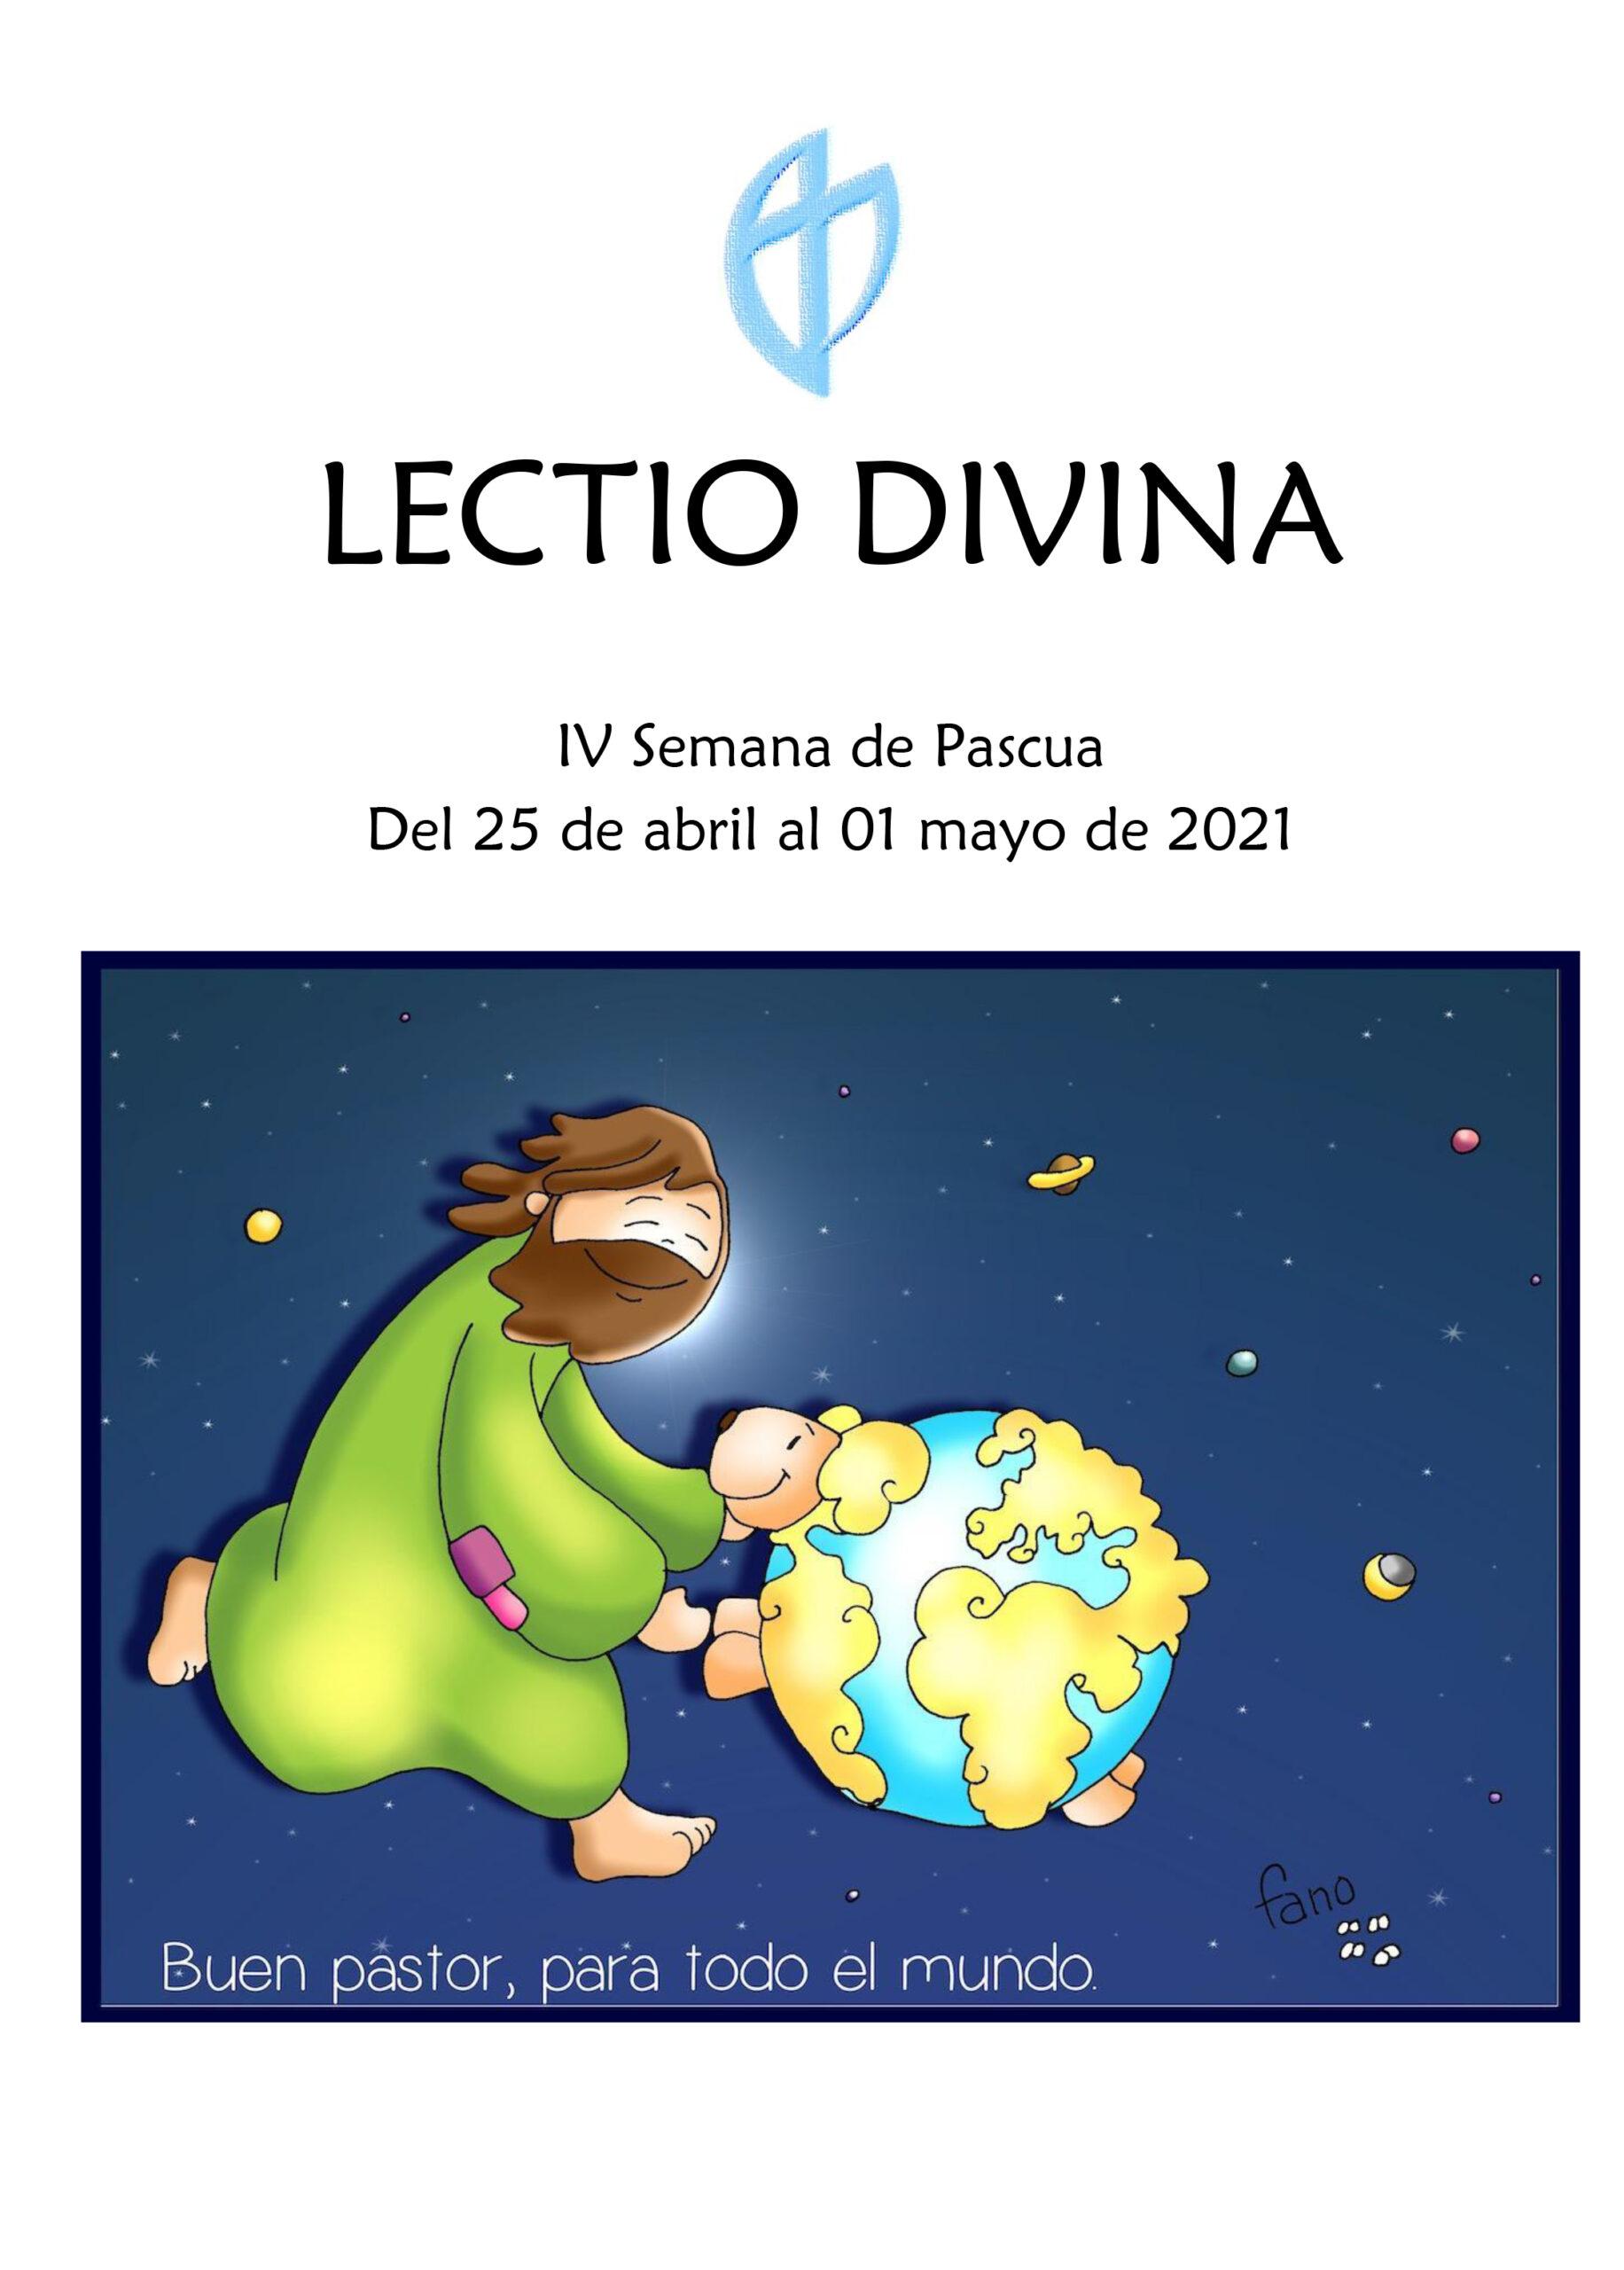 IV Semana de Pascua (del 25 de abril al 01 mayo de 2021)